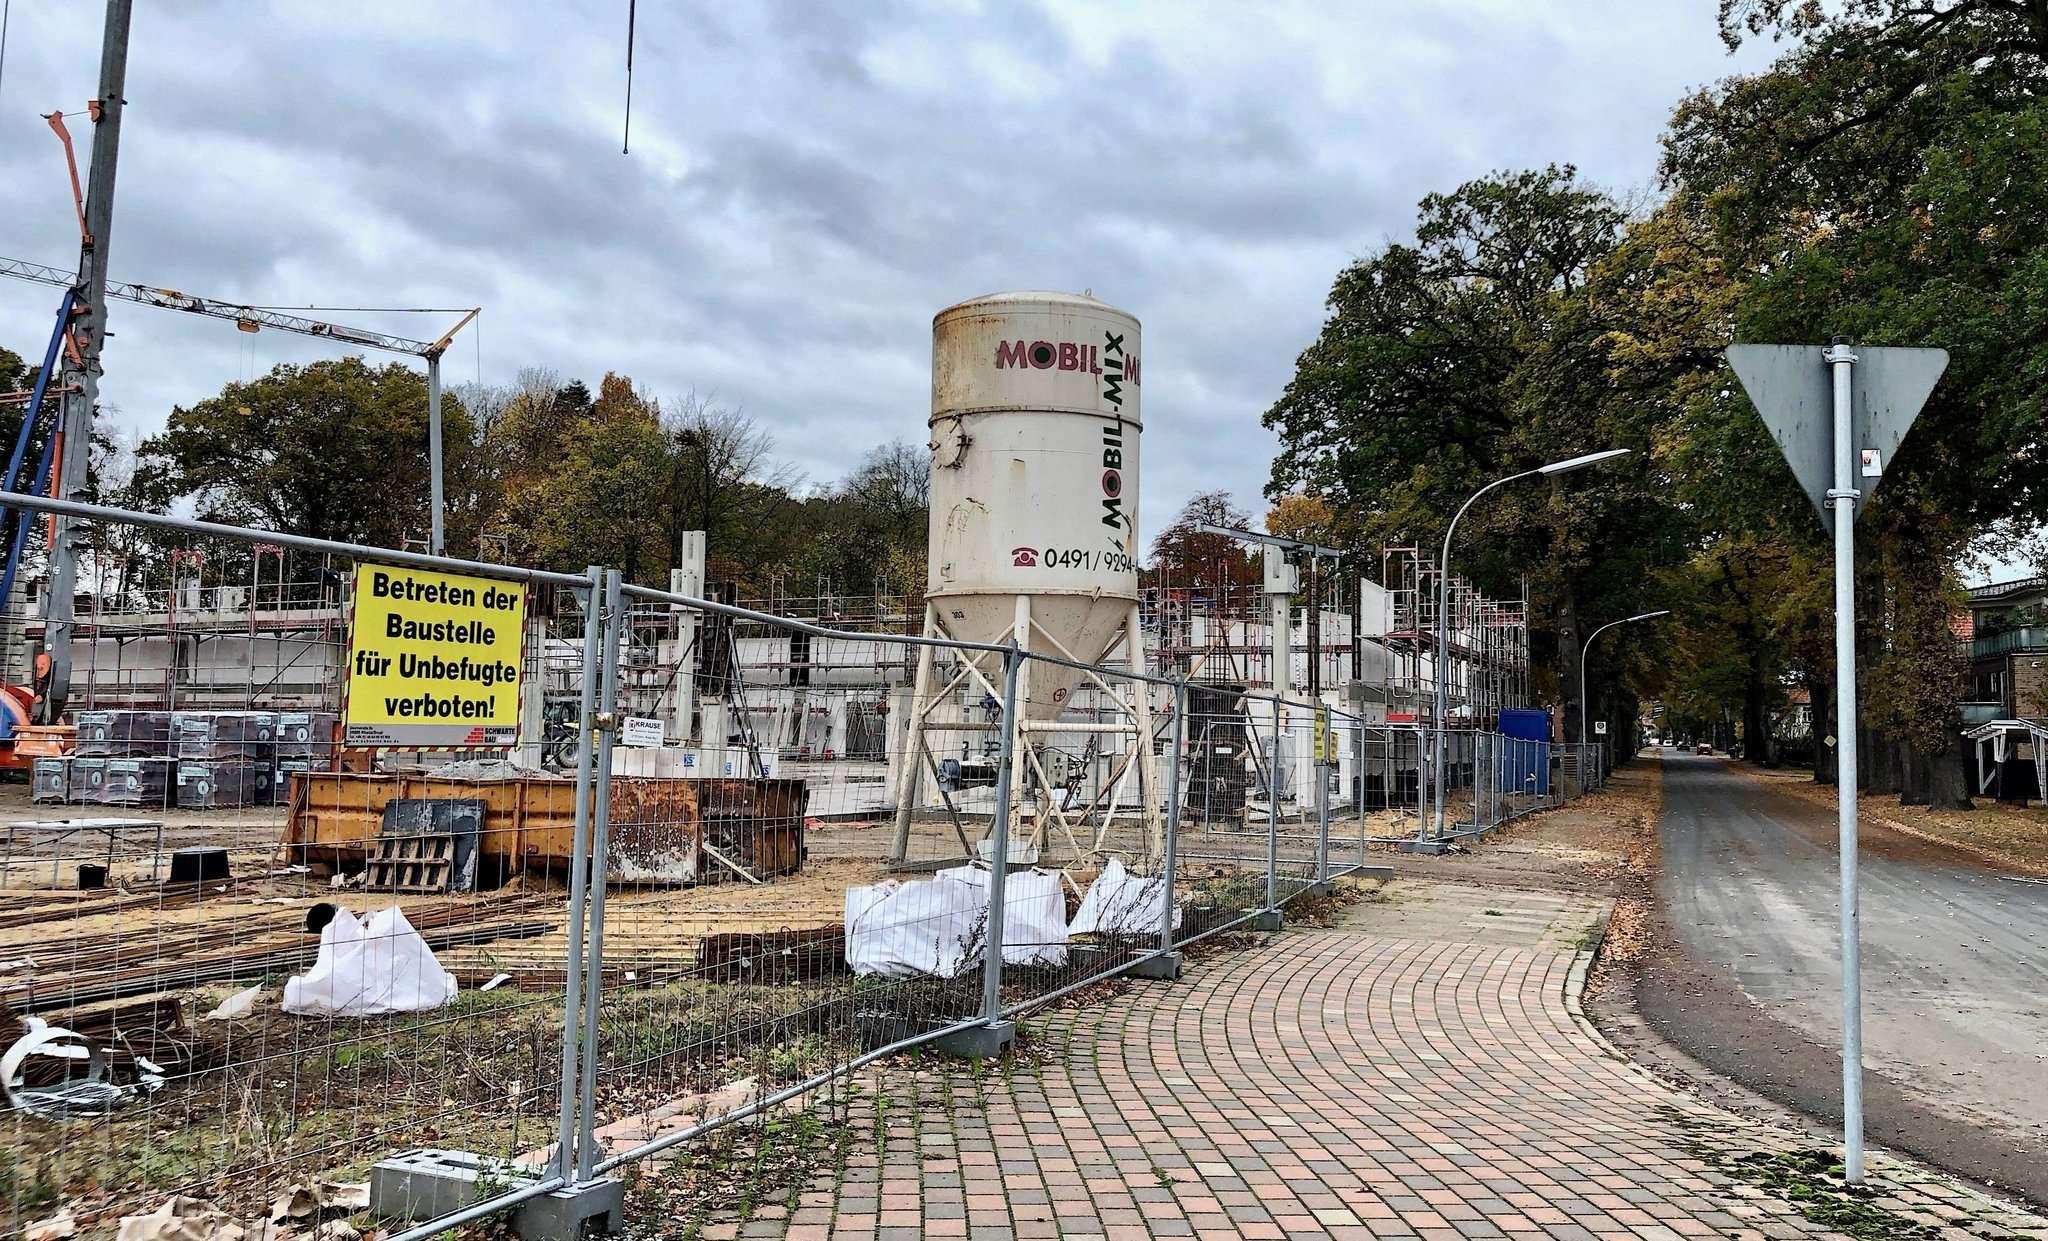 In Scheeßel wird viel gebaut, in absehbarer Zeit ist eine Aufstockung im Bereich der Bauleitplanung notwendig. Foto: Judith Tausenfreund